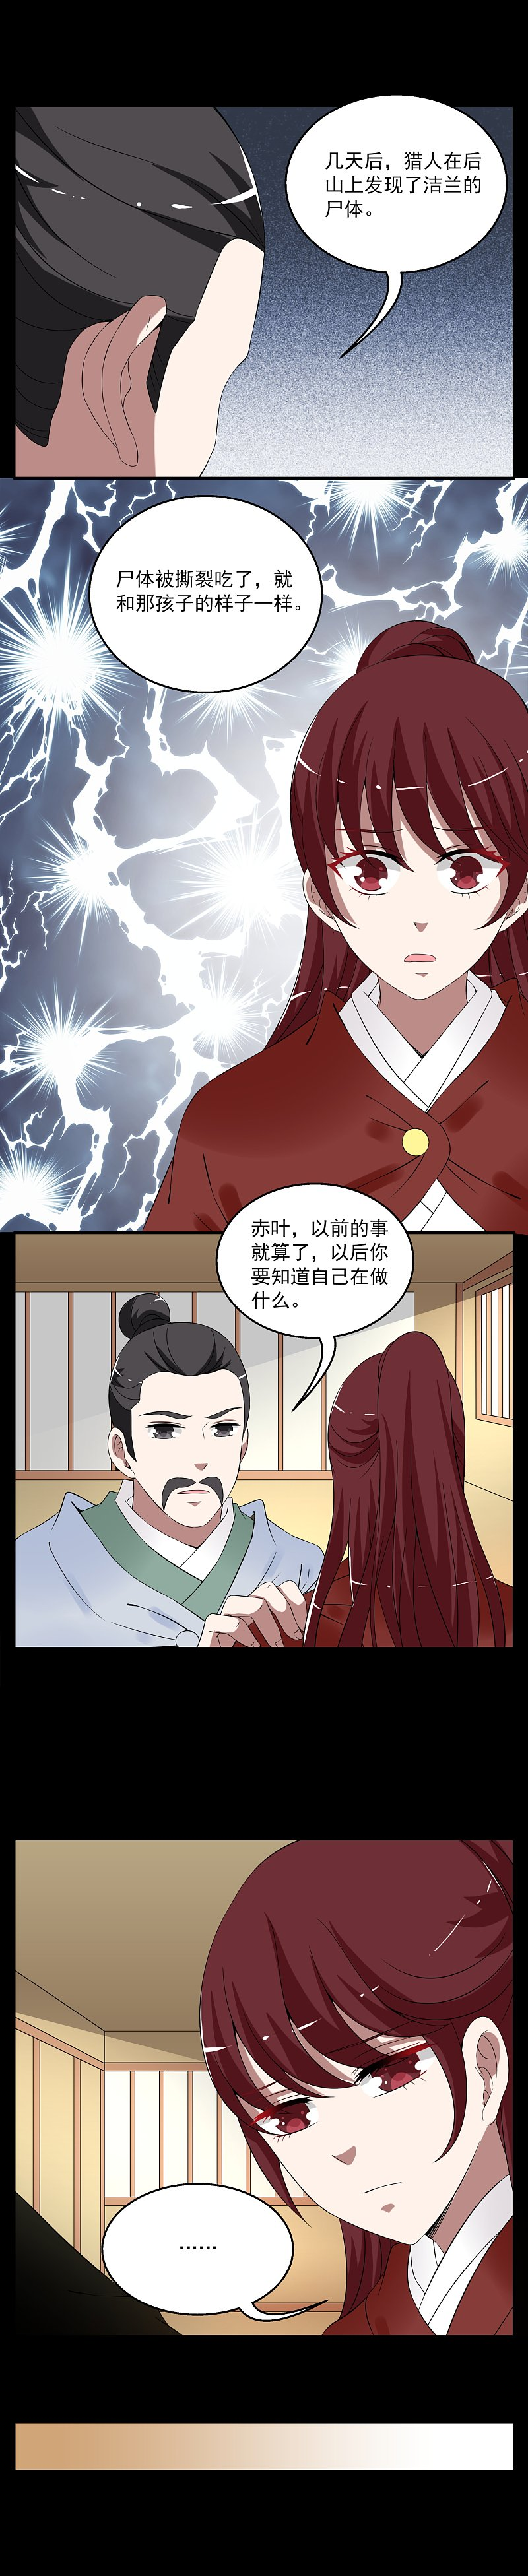 洛小妖179 (6).JPG